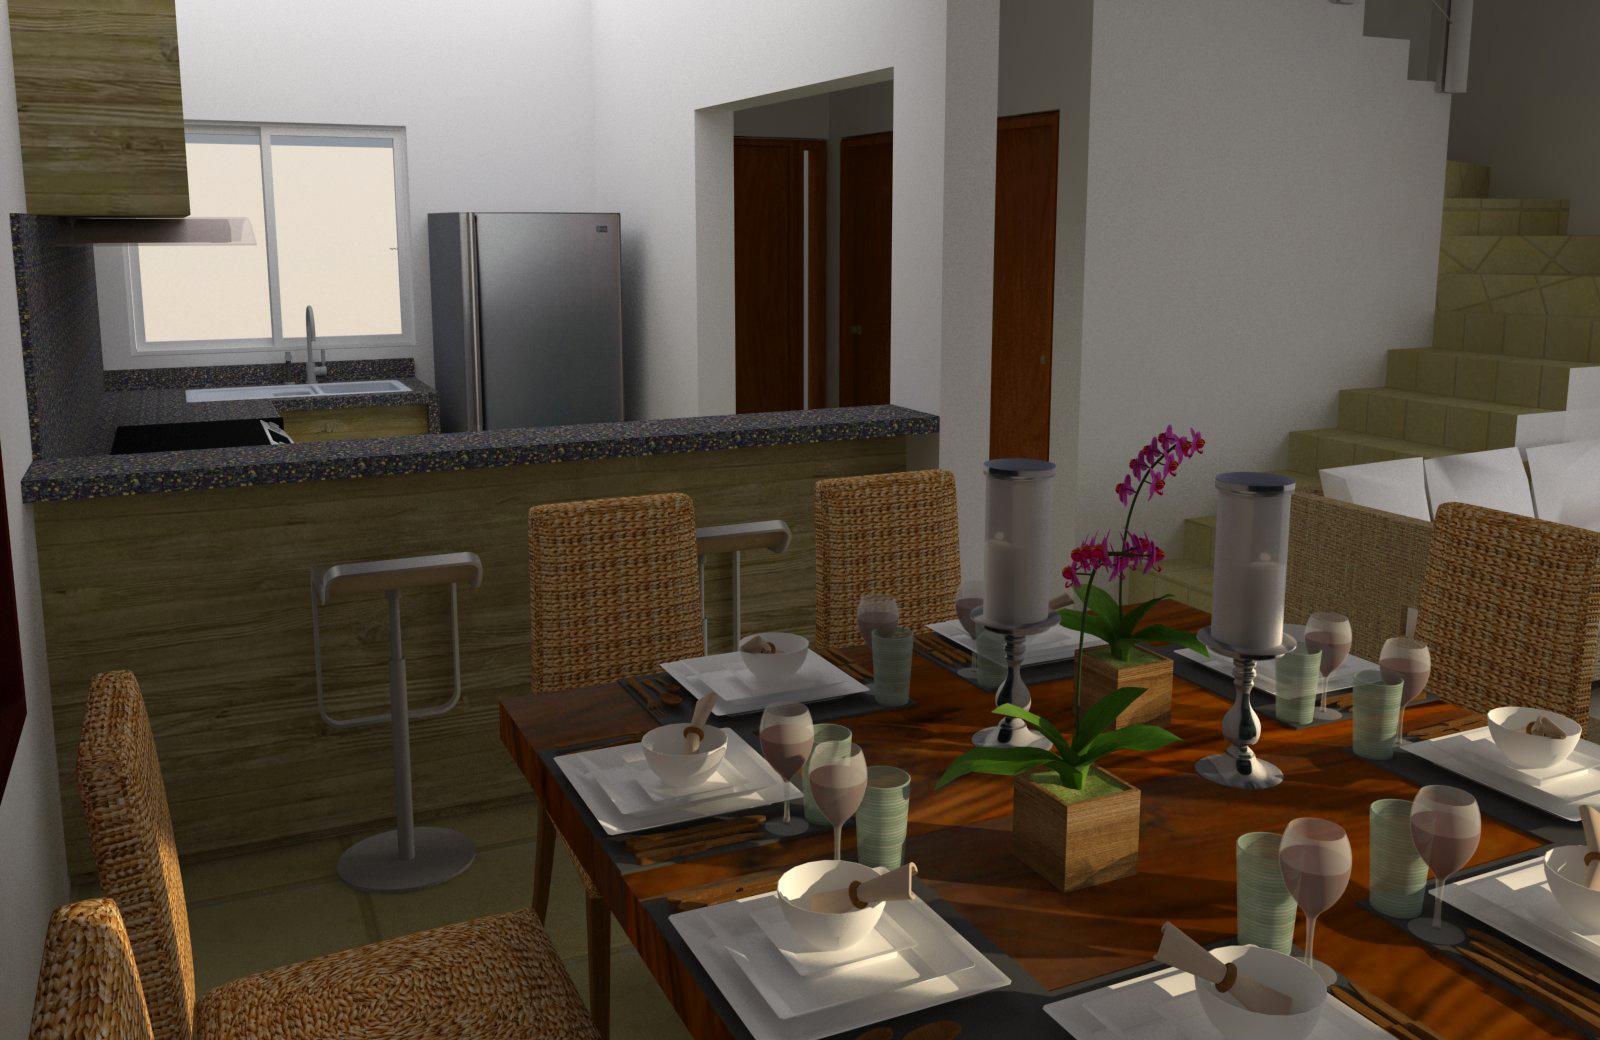 Taller de arquitectura y dise o interior for Decoracion en cancun